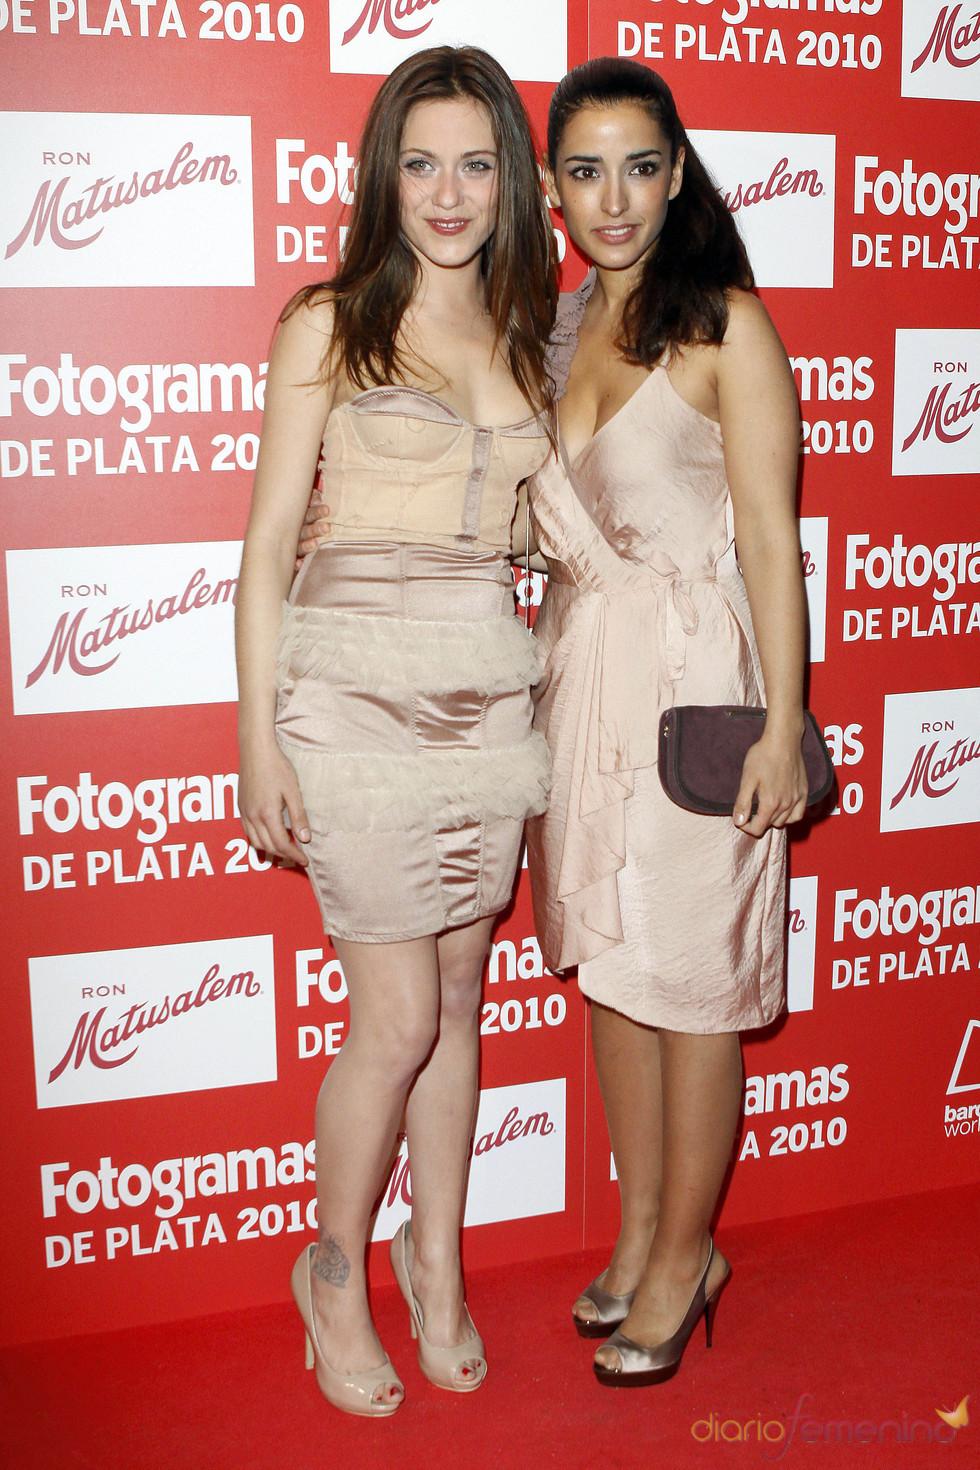 María León e Inma Cuesta en los Premios Fotogramas de Plata 2010